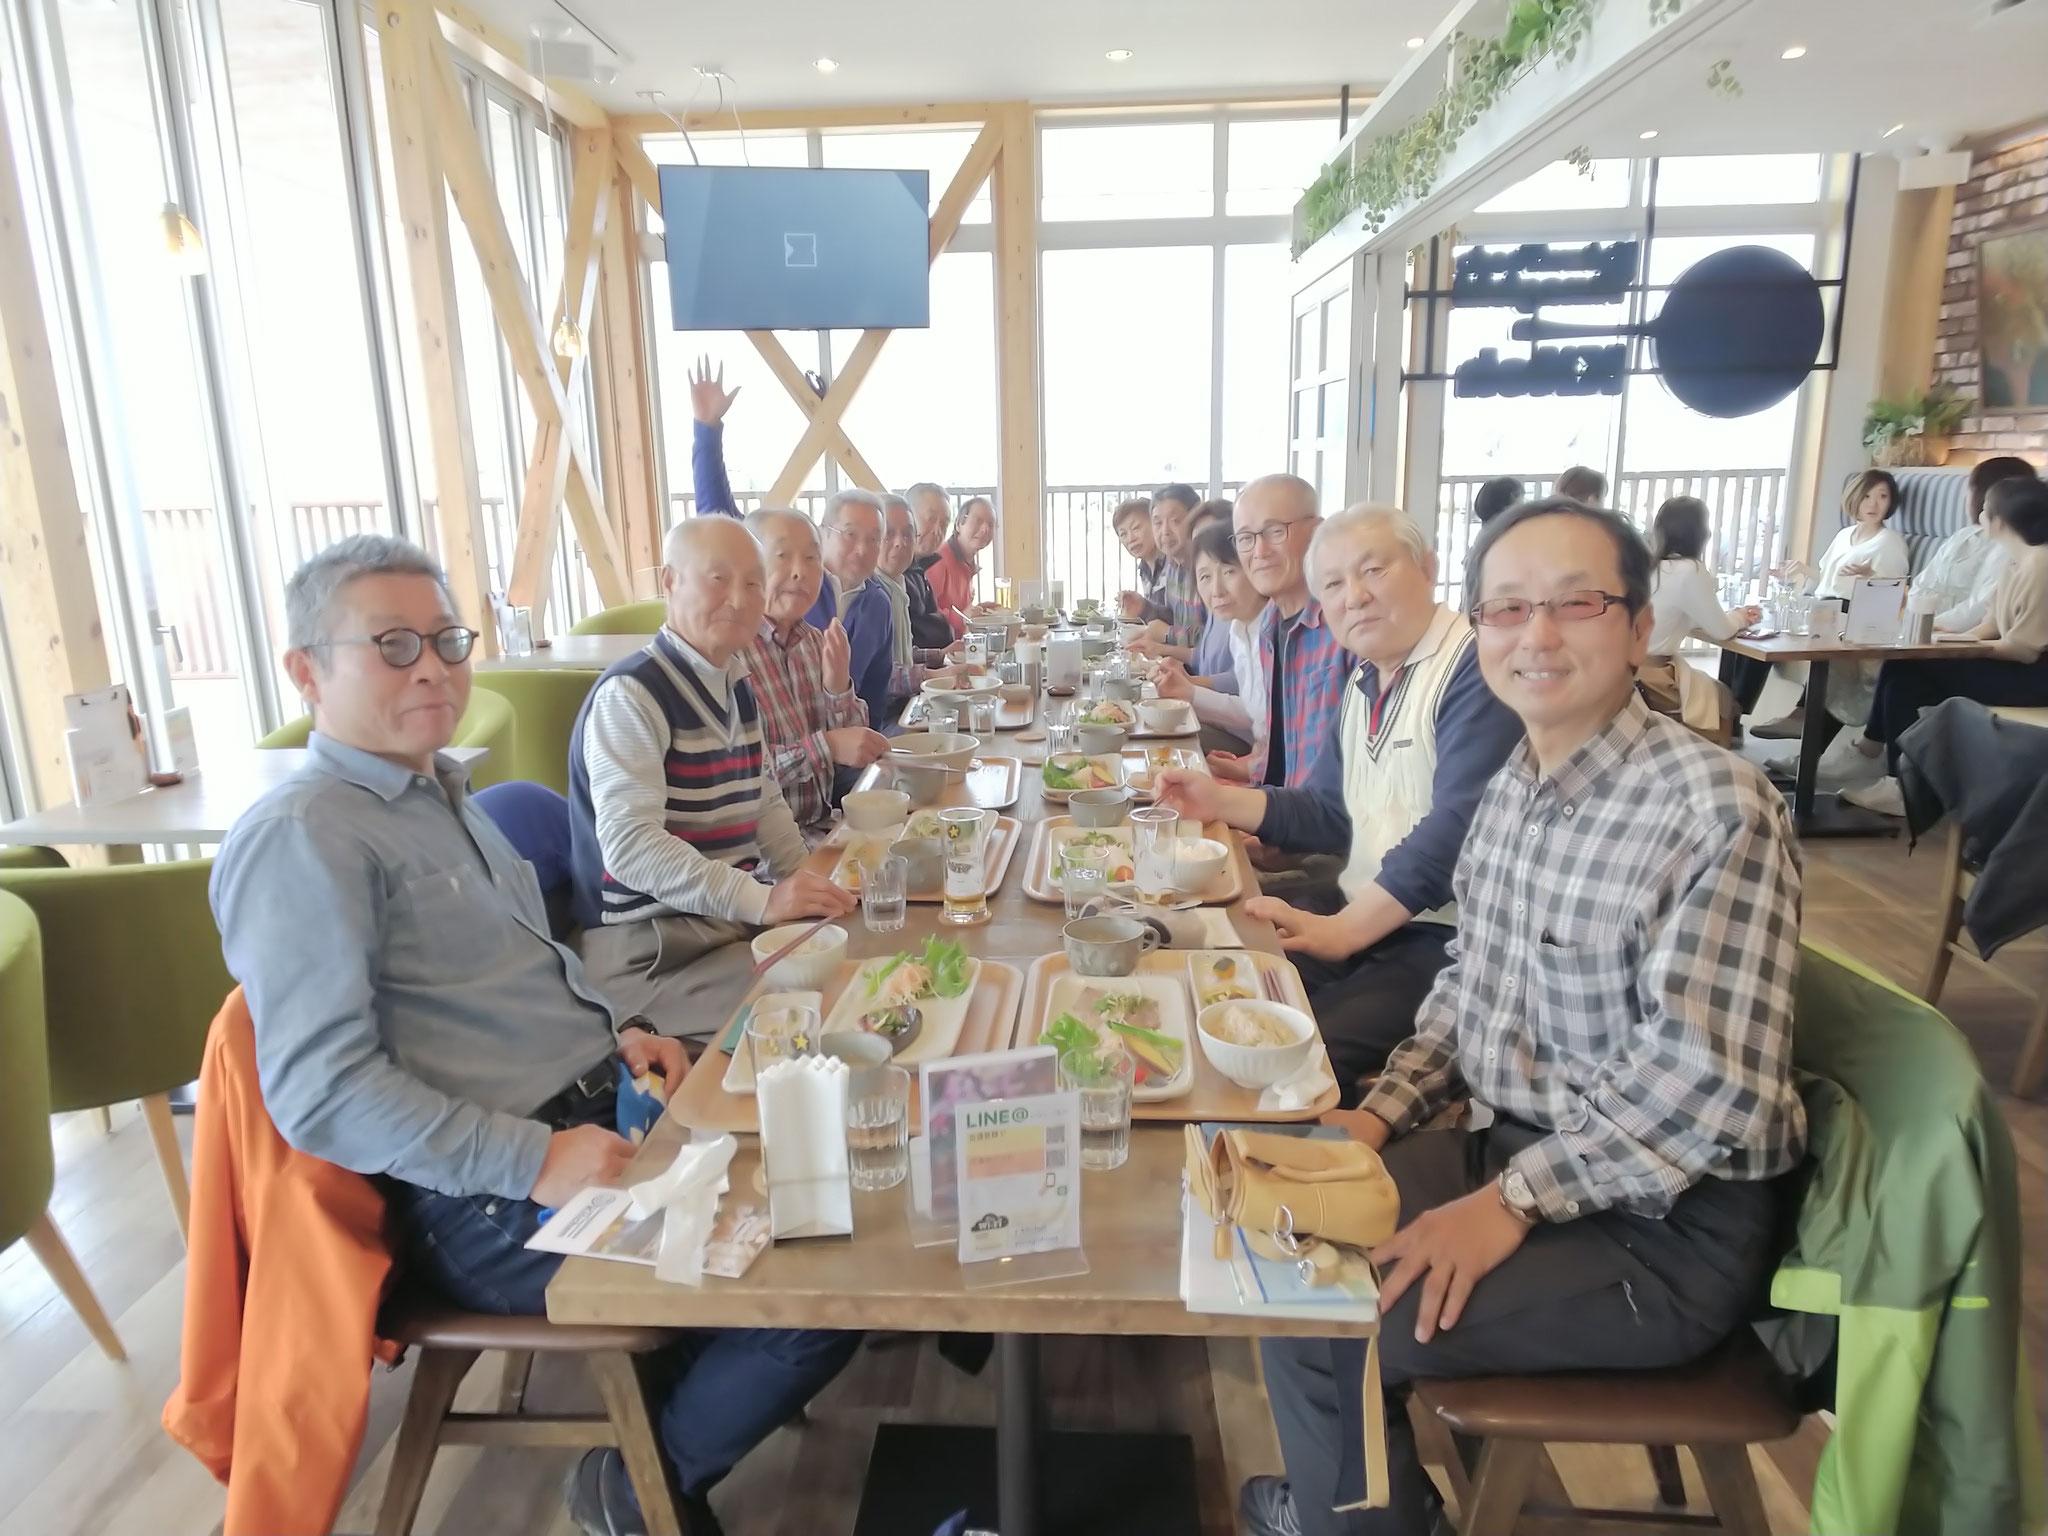 昨年開設された柳島スポーツ公園のクラブハウス2Fのレストランで昼食 一同満足